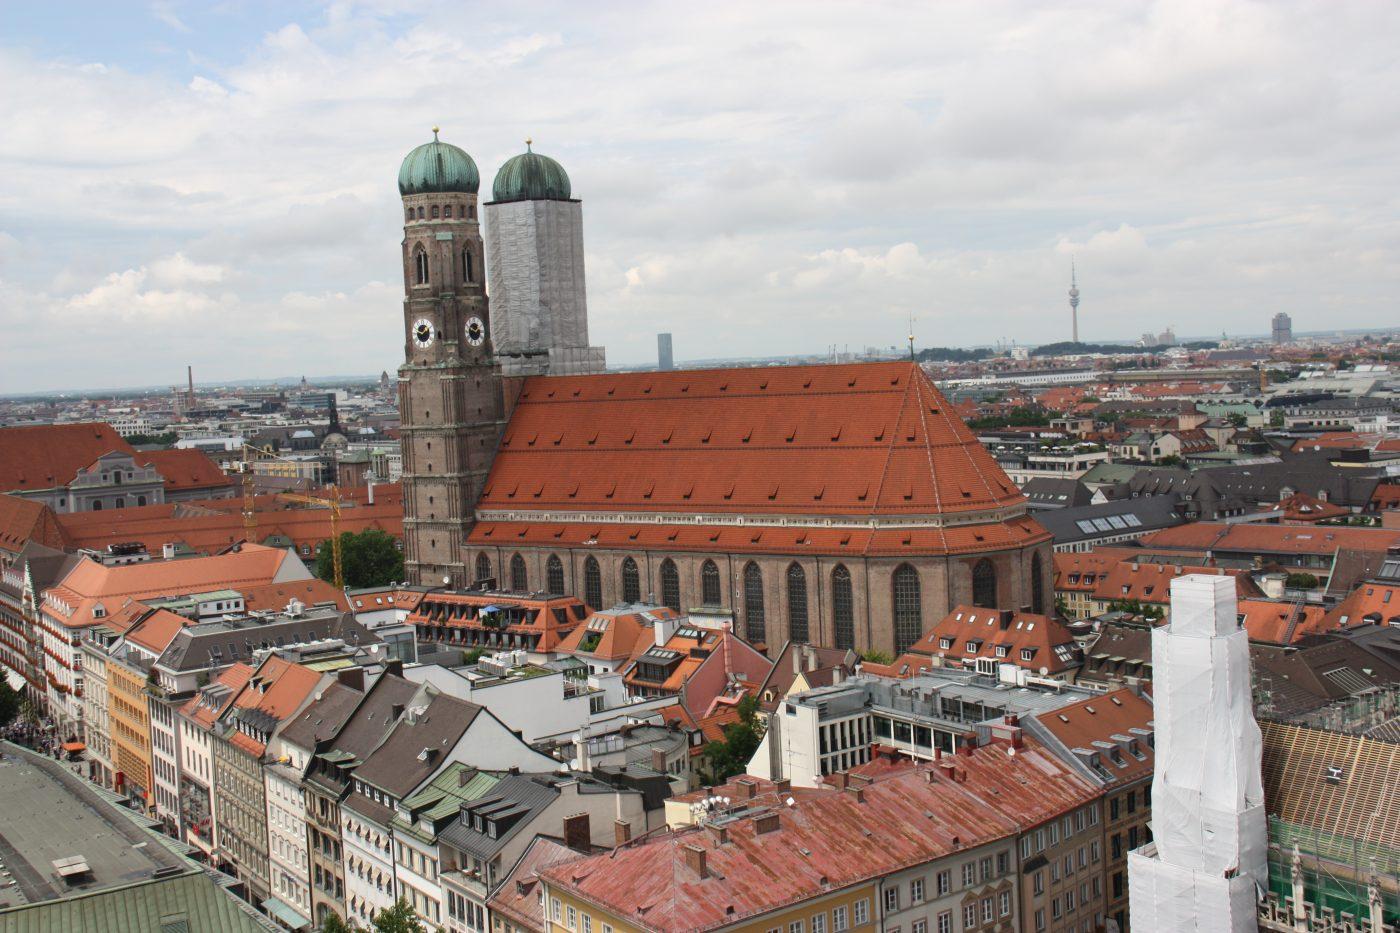 Münchener Frauenkirche